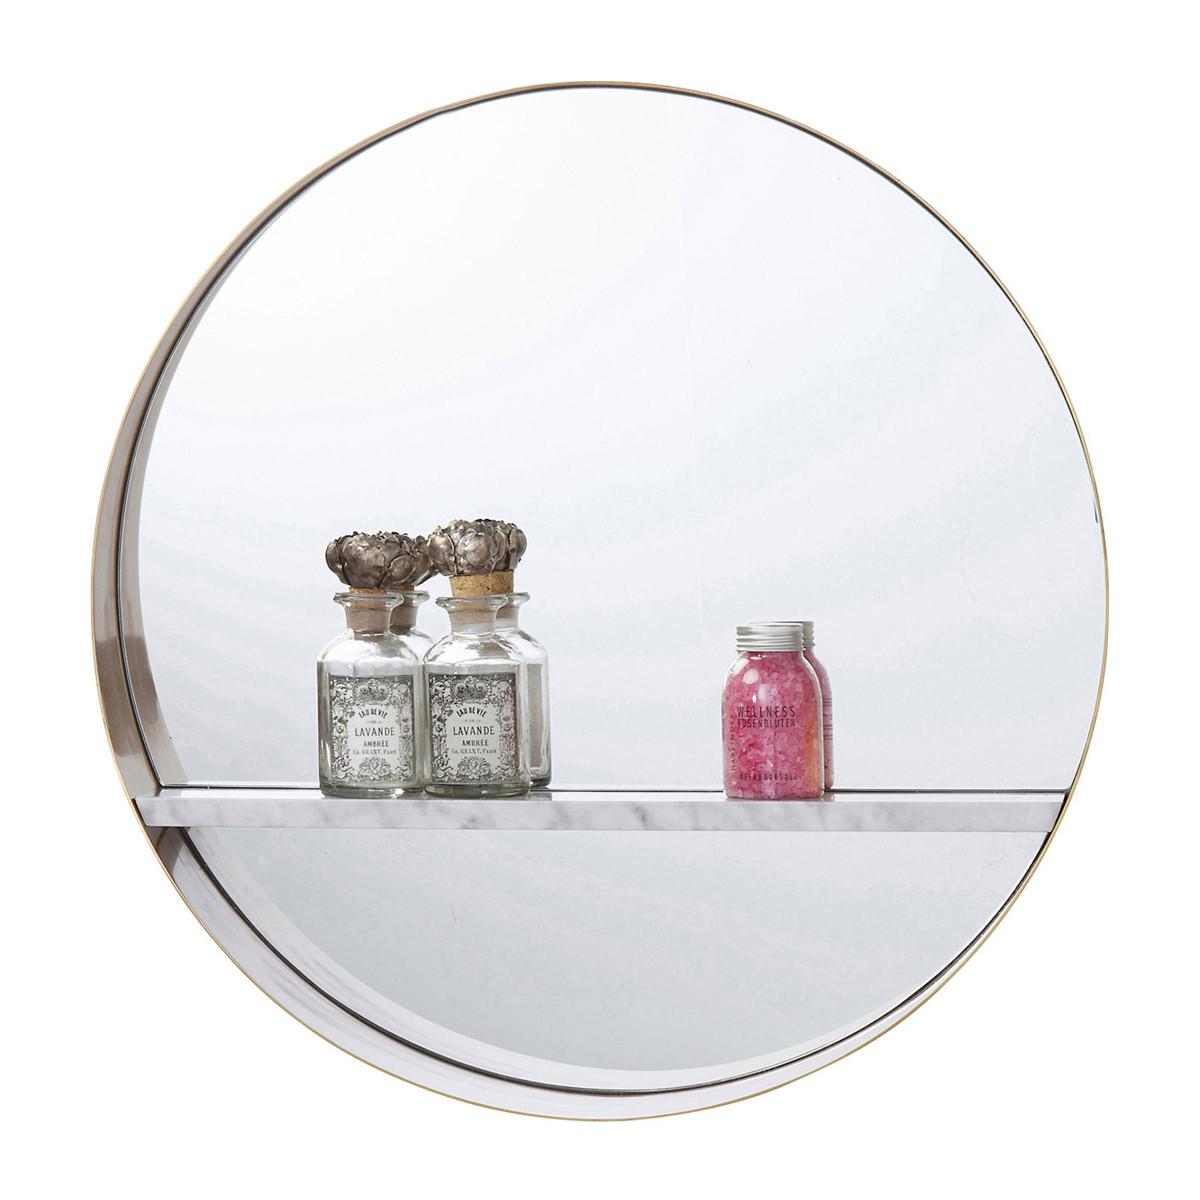 kare design hipster ronde spiegel met plank 83807 lumz. Black Bedroom Furniture Sets. Home Design Ideas